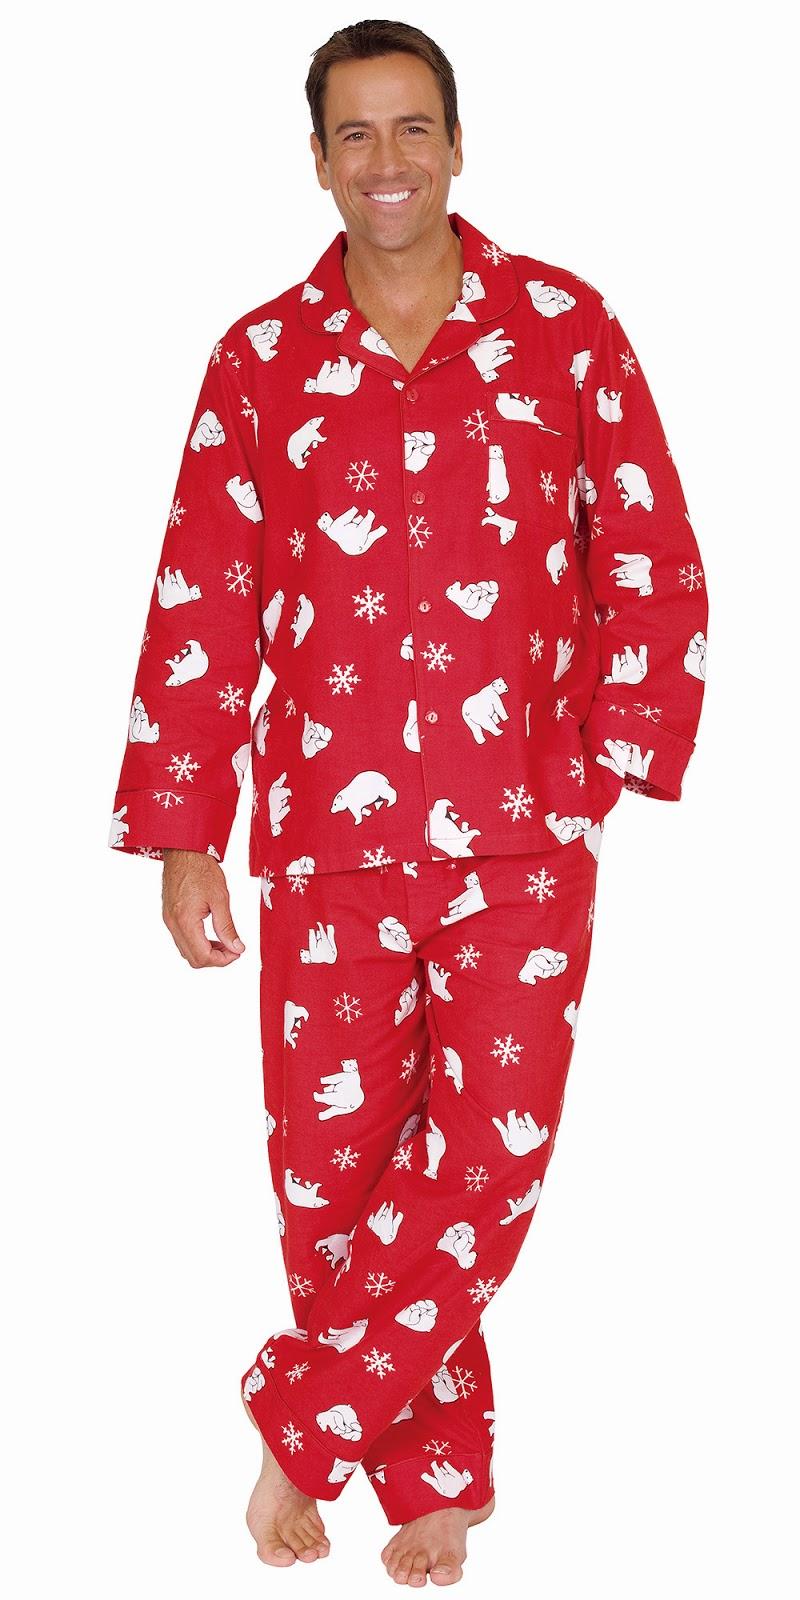 Пижамы с прикольными рисунками, добрым утром другу